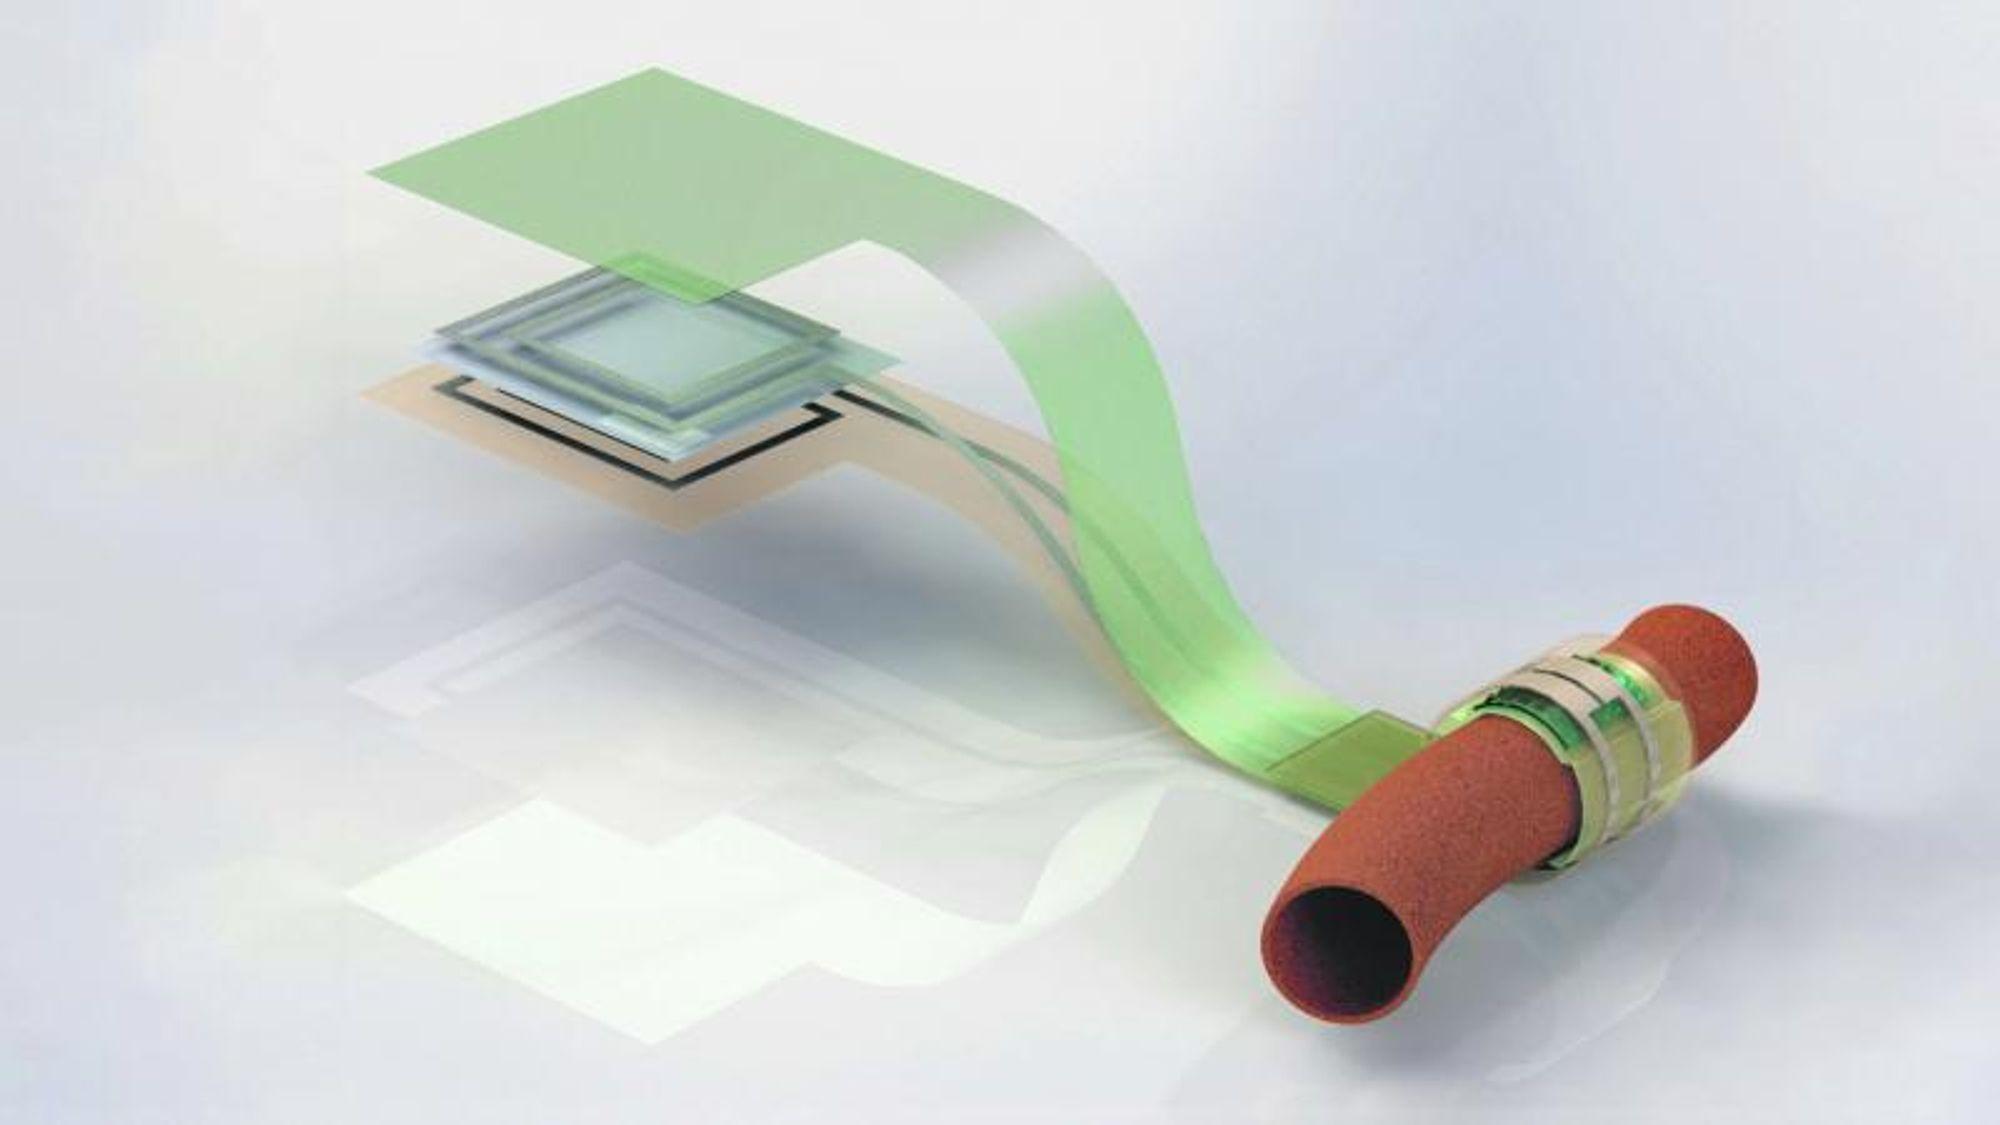 Biologiske sensorer kan blant annet brukes til å overvåke blodomløpet ved å registrere endringer i blodkarenes diameter.